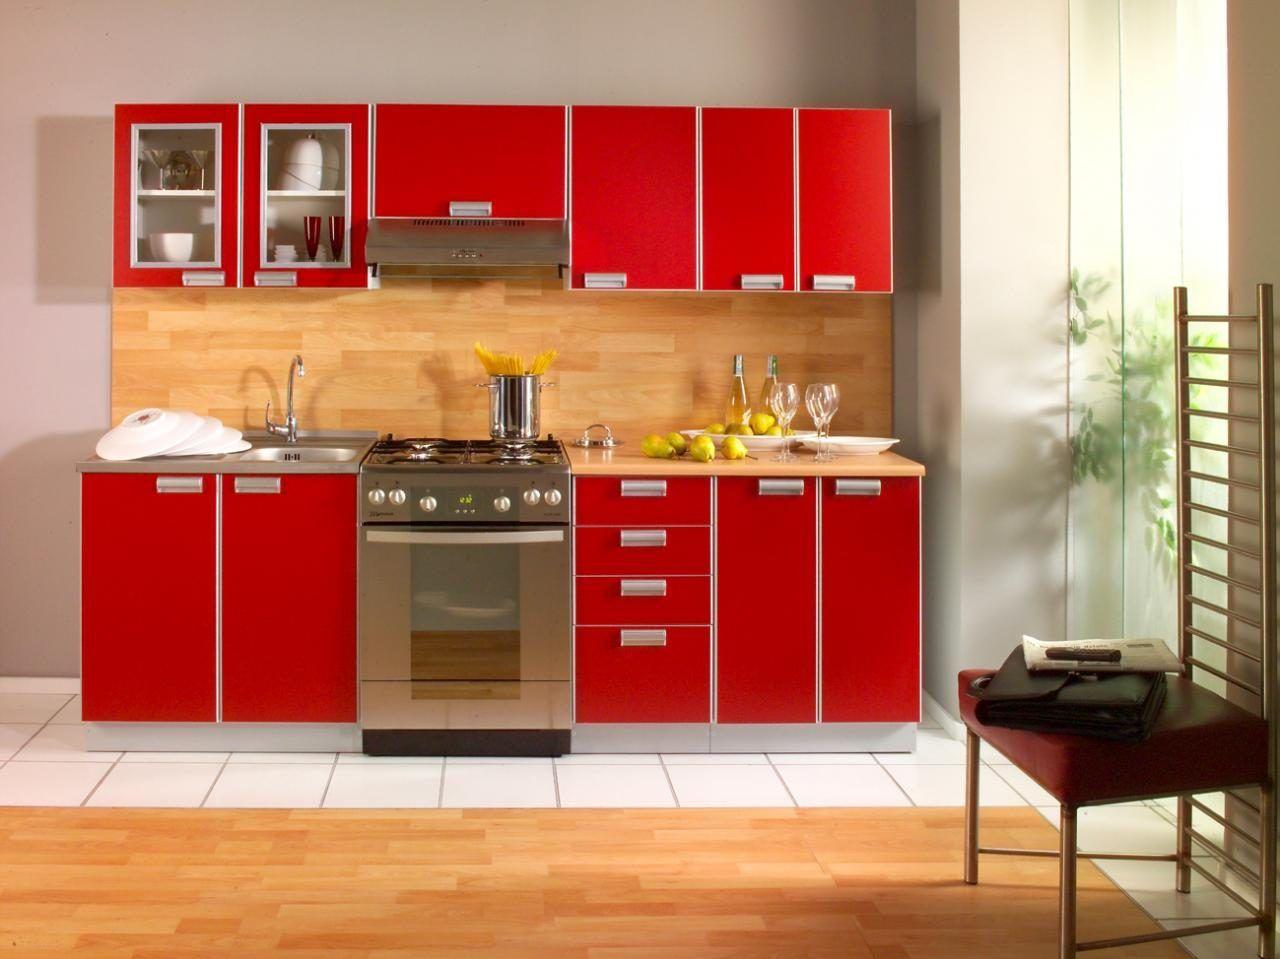 mueble cocina rojo | inspiración de diseño de interiores | Proyectos ...